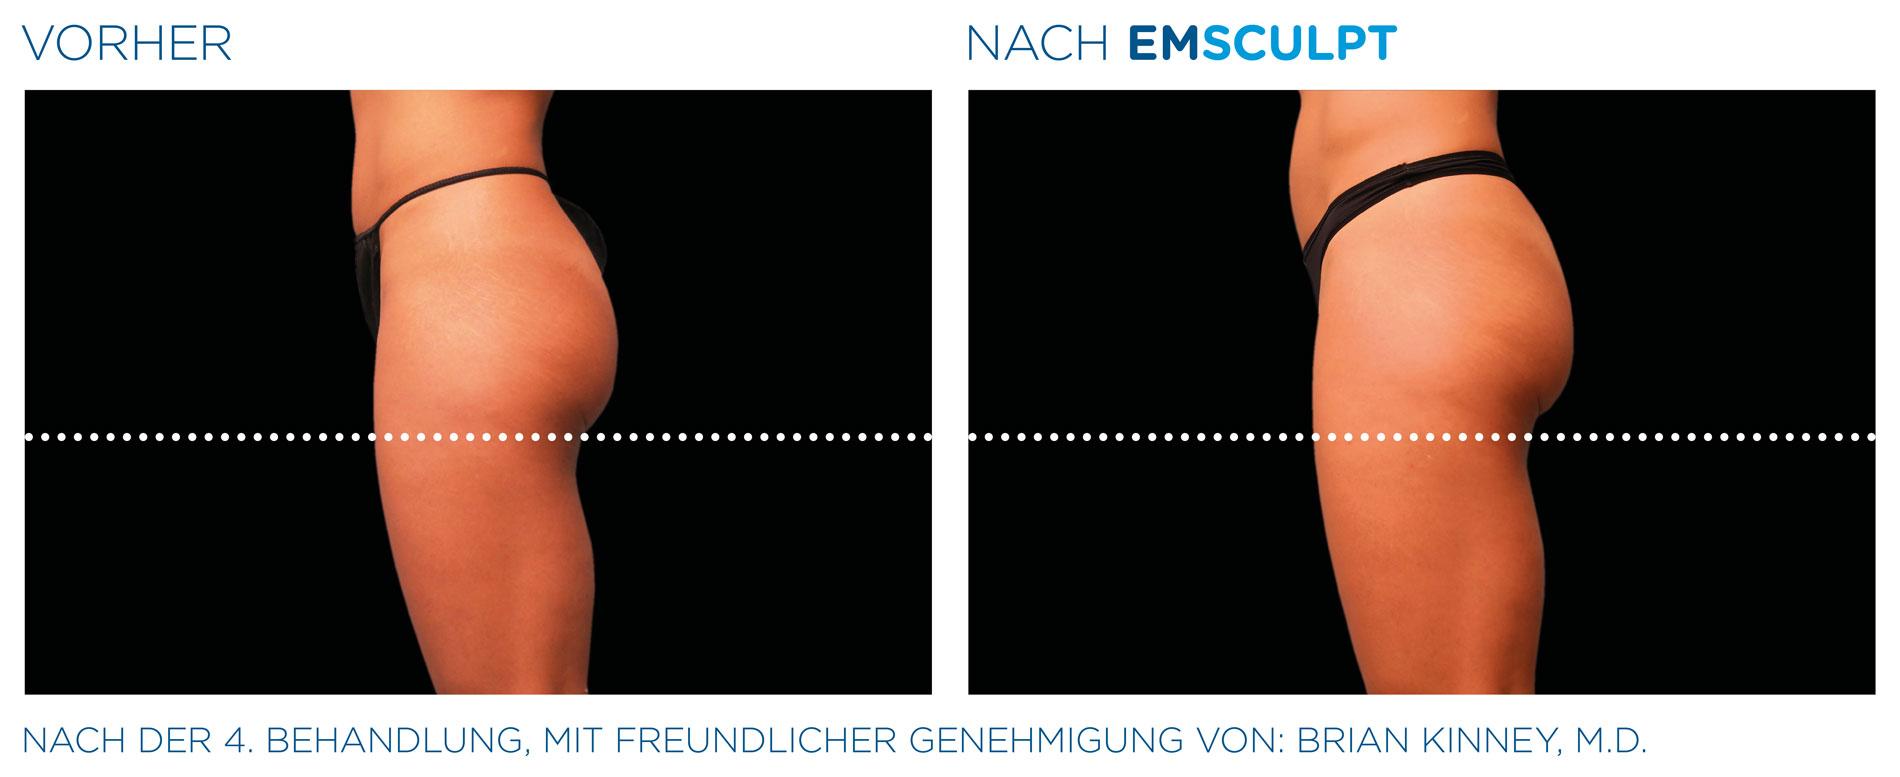 EMSculpt Vorher-Nachher